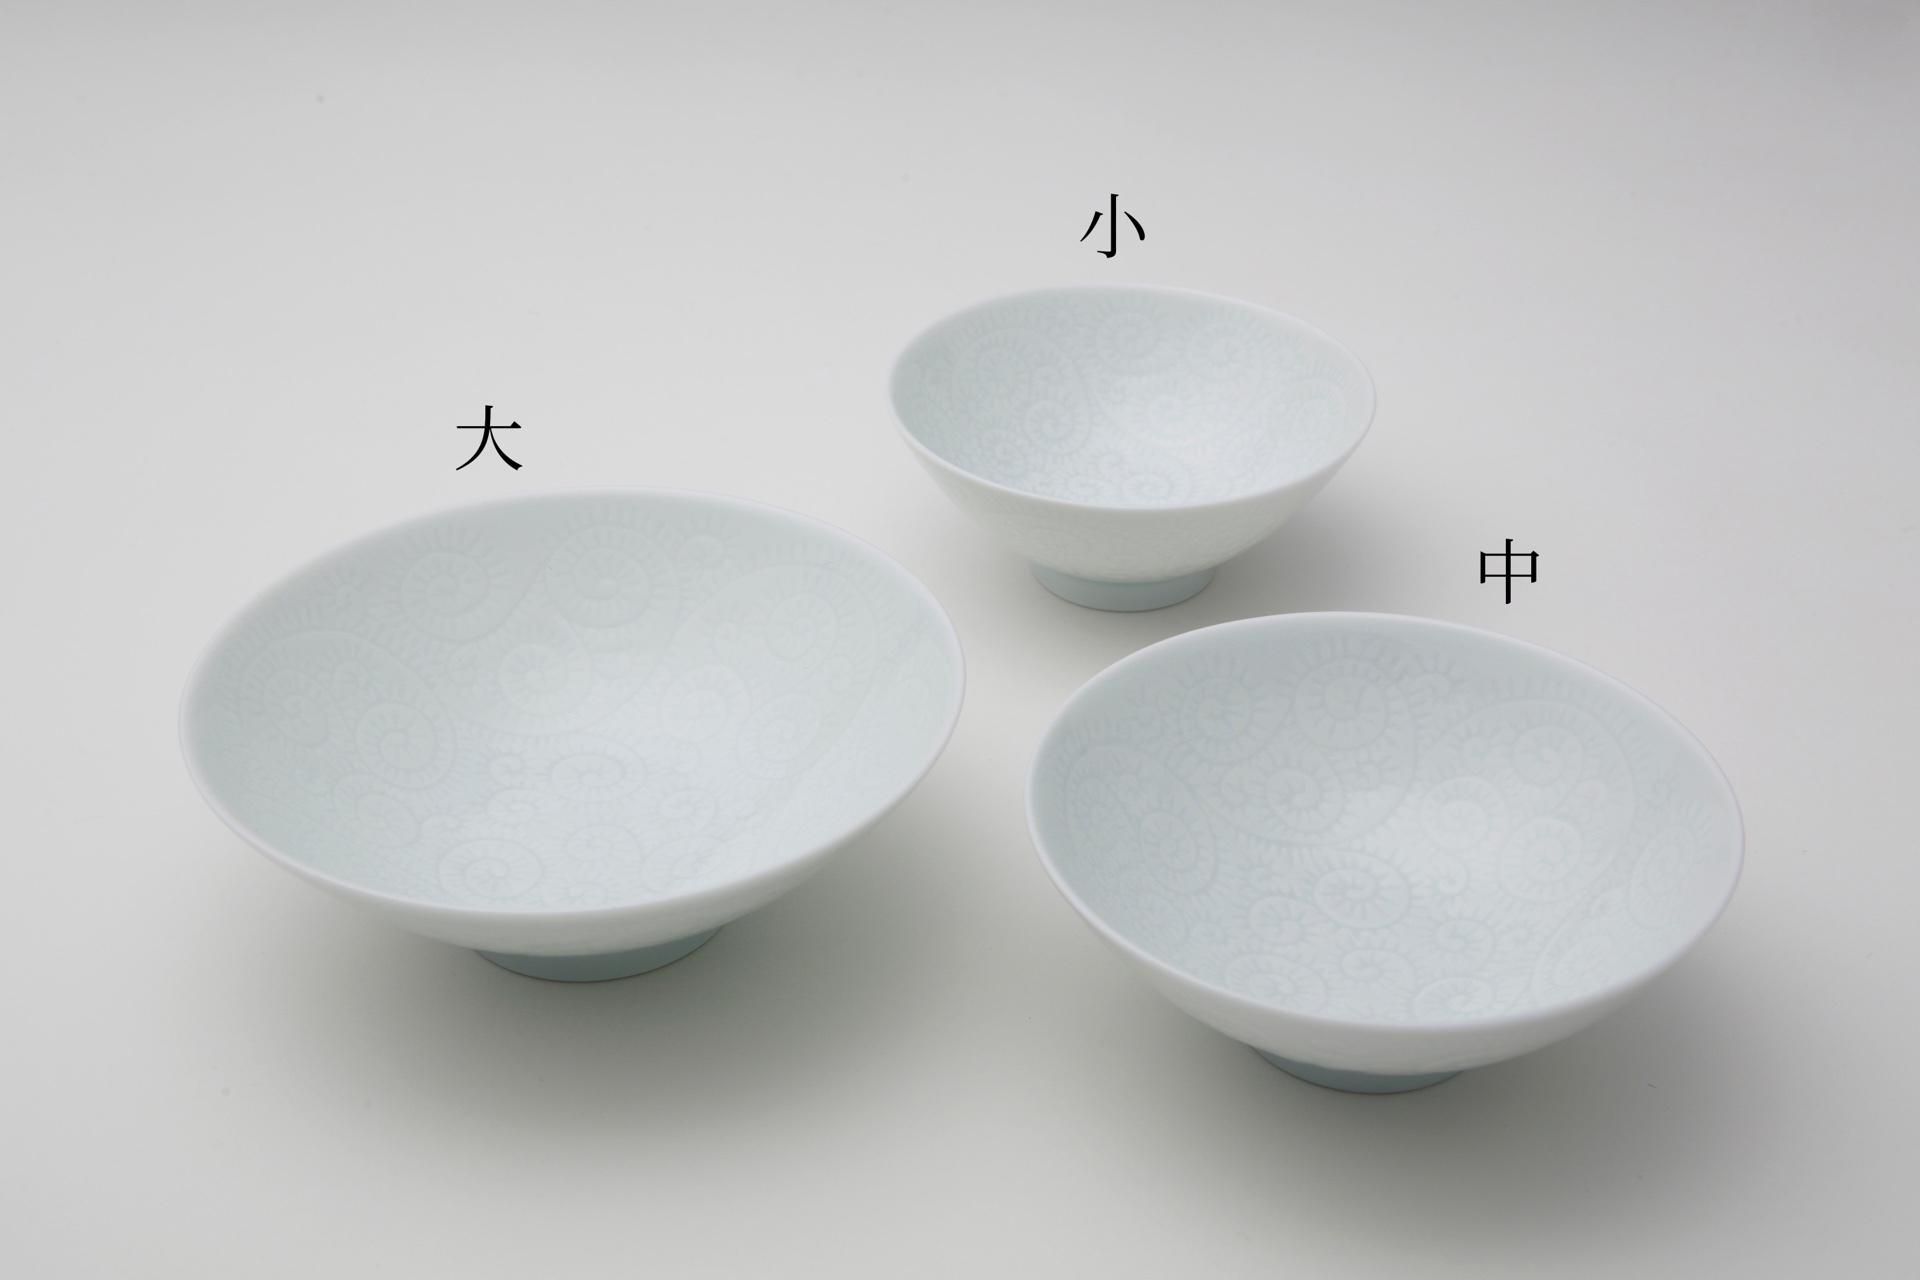 10月のうつわ 【彫付 飯碗】_f0220354_15145209.jpeg